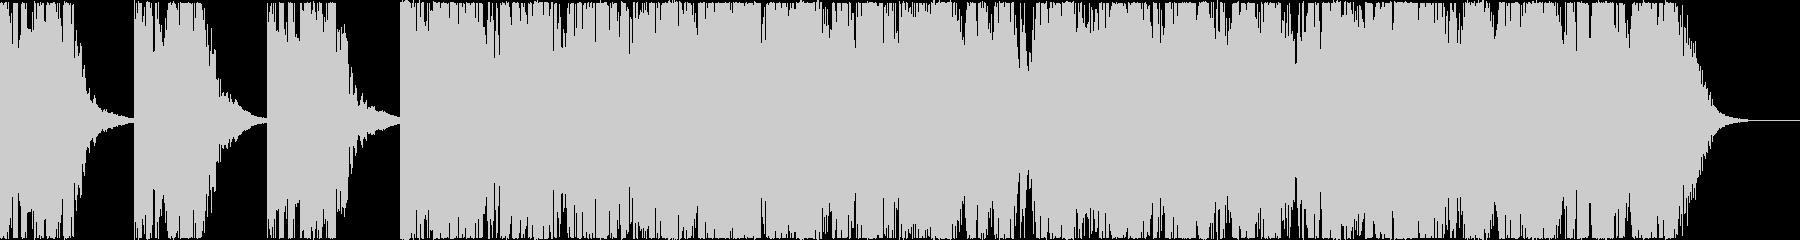 打楽器 BPM=116の未再生の波形